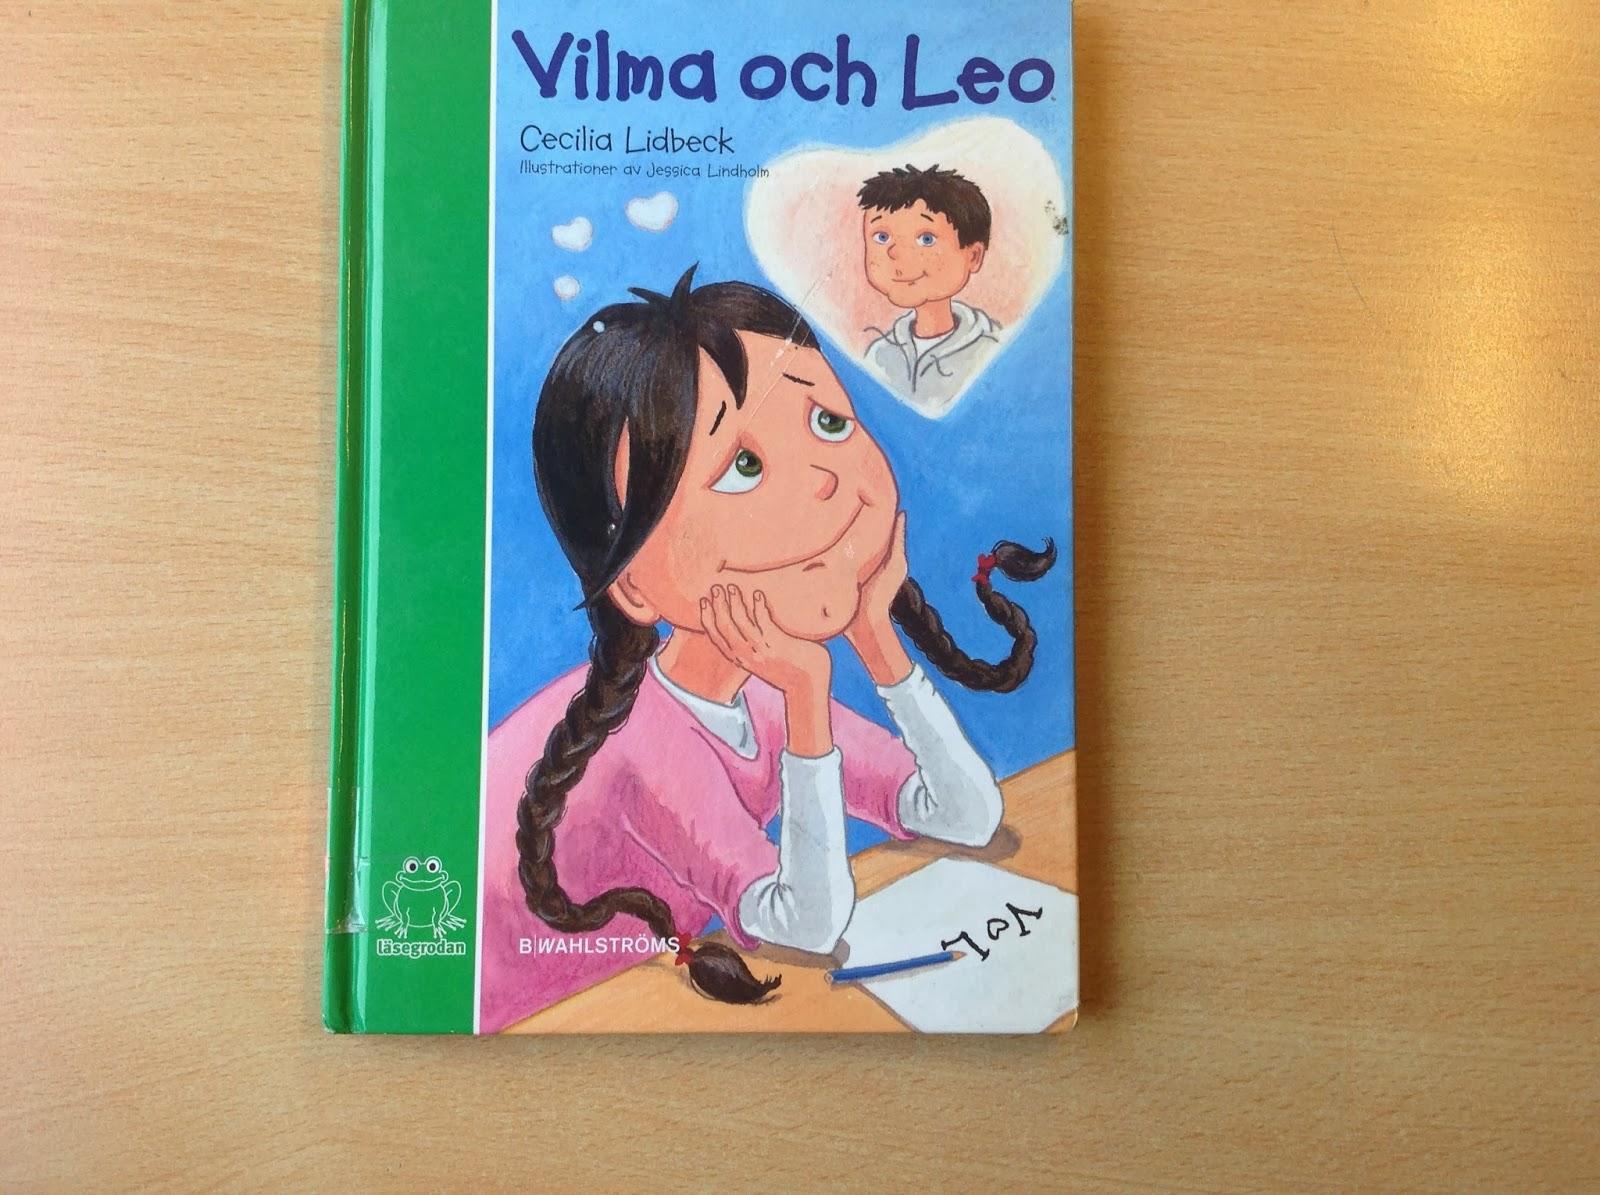 Cecilia Lidbeck: Vilma Och Häxtanden - 2011 - Swedish Children's Book Svenska